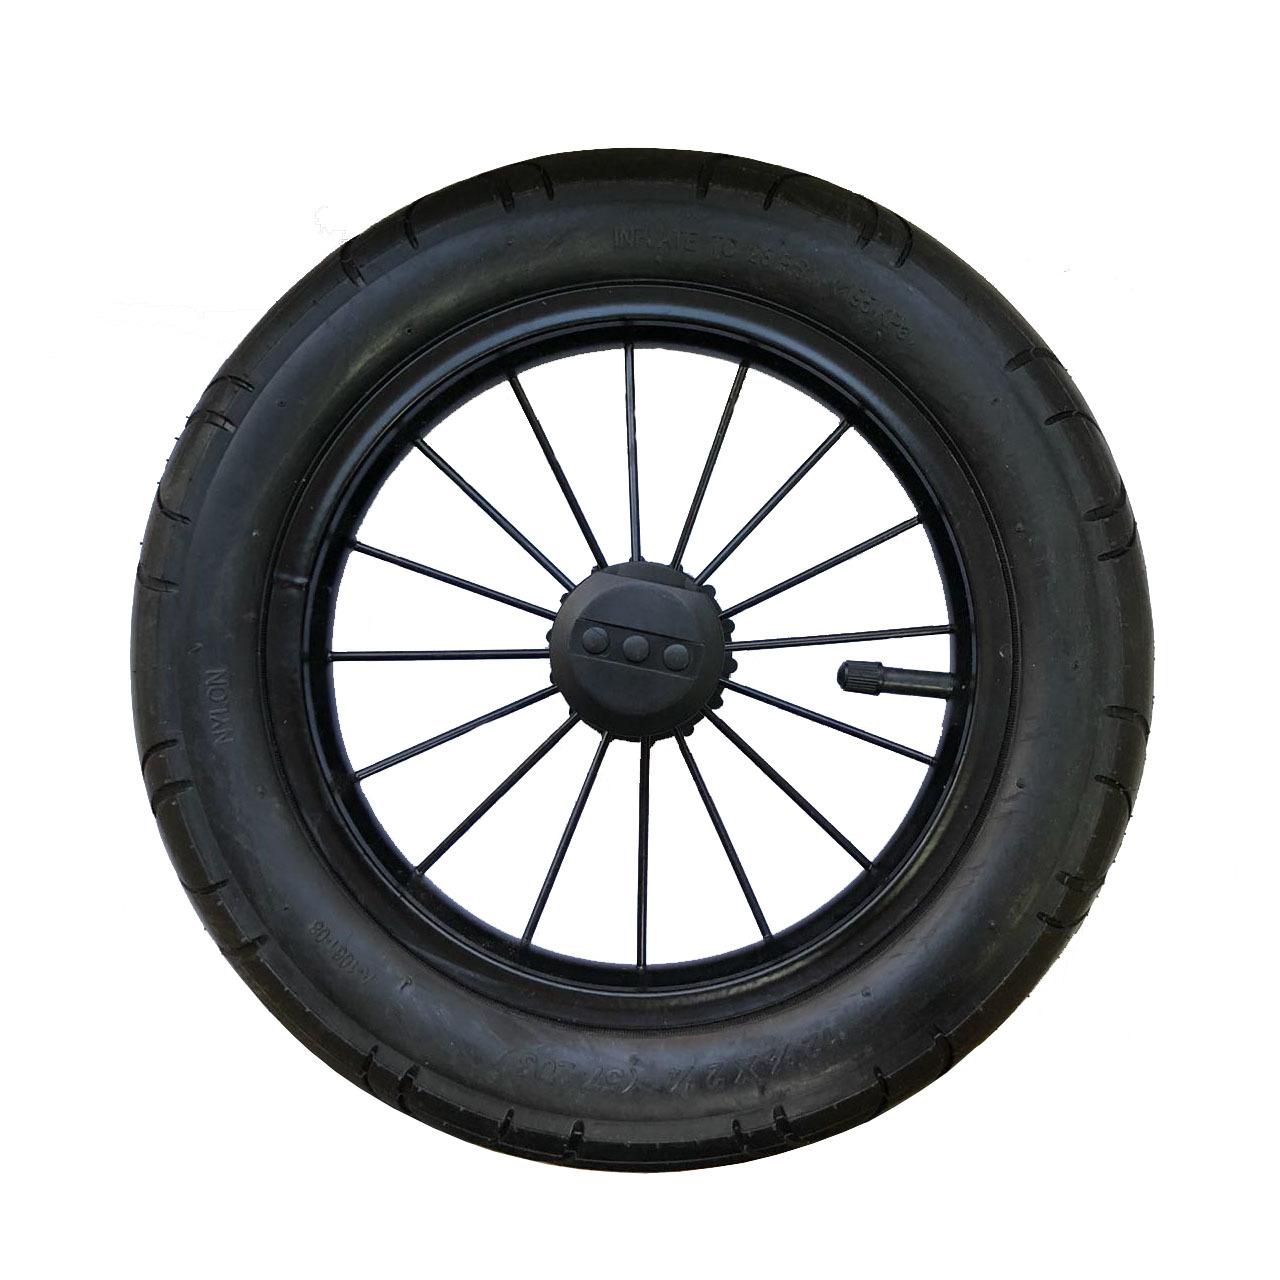 Колесо для коляски Tutis classic 12 1/2 x 2 1/4 кол_12_черн_подшипник.jpg